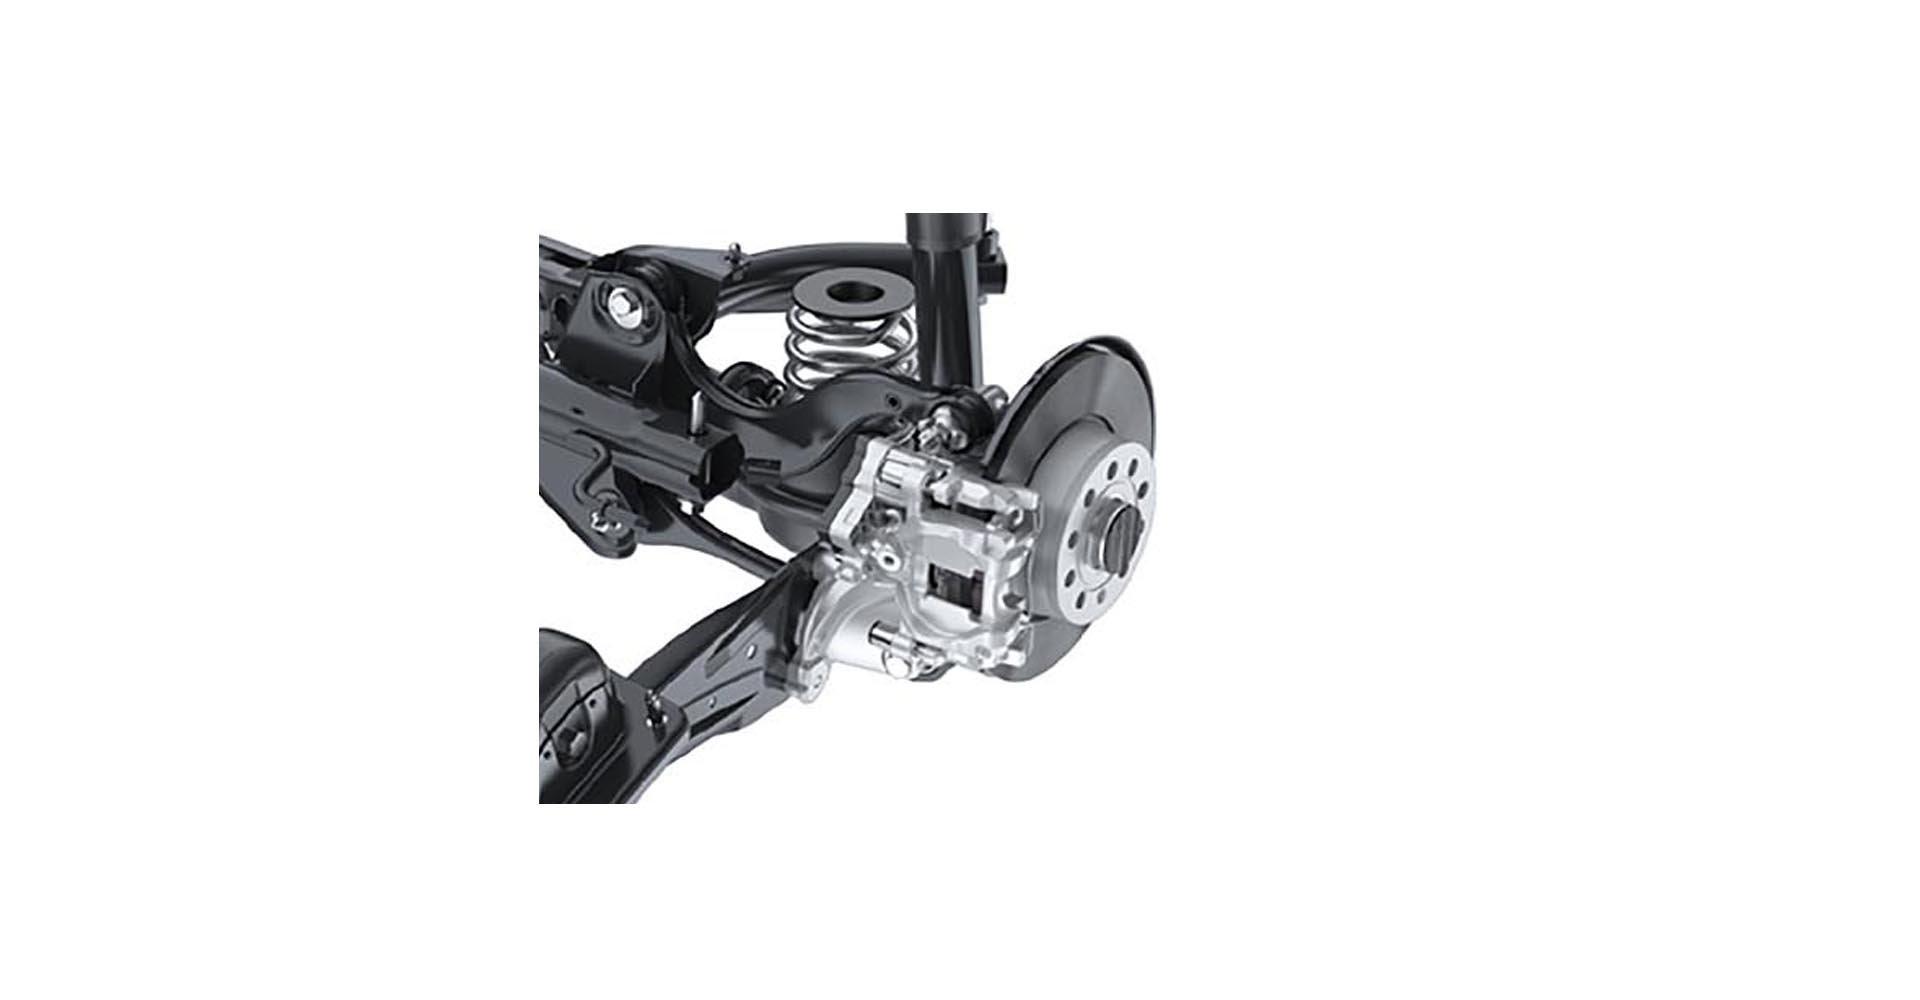 02_VW Mk7 GTI rear brakes